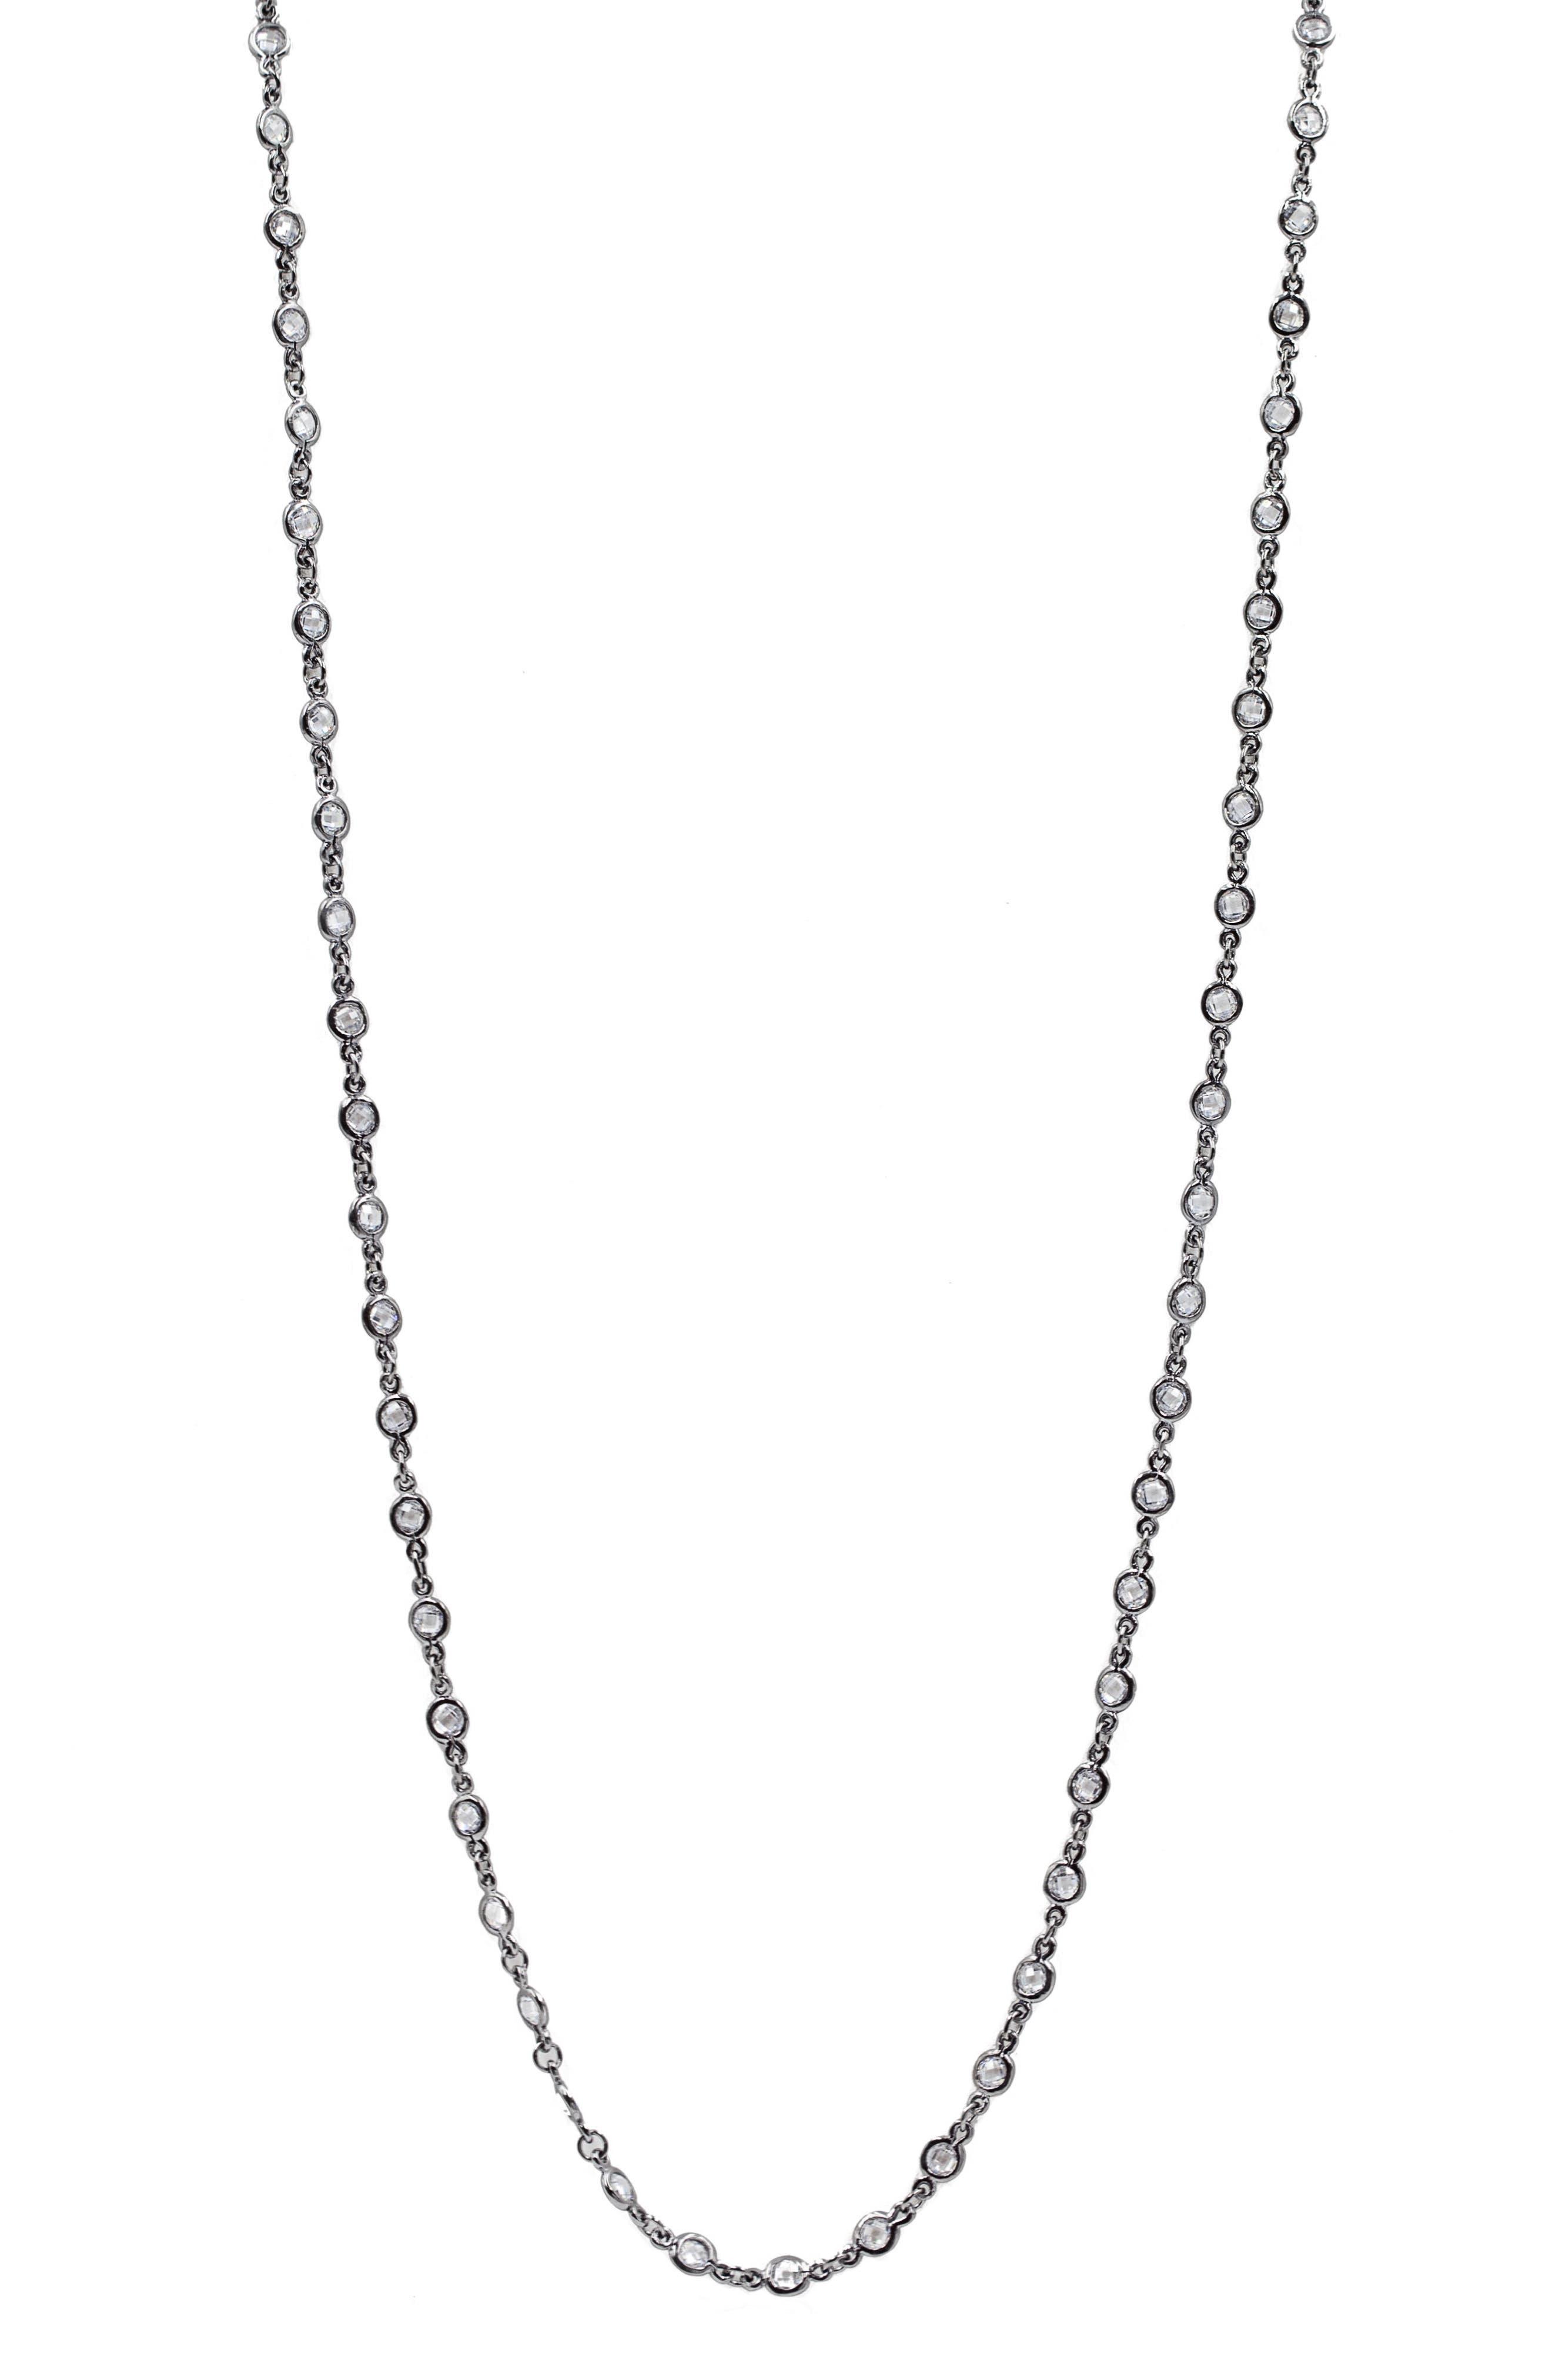 Main Image - FREIDA ROTHMAN Signature Radiance Necklace